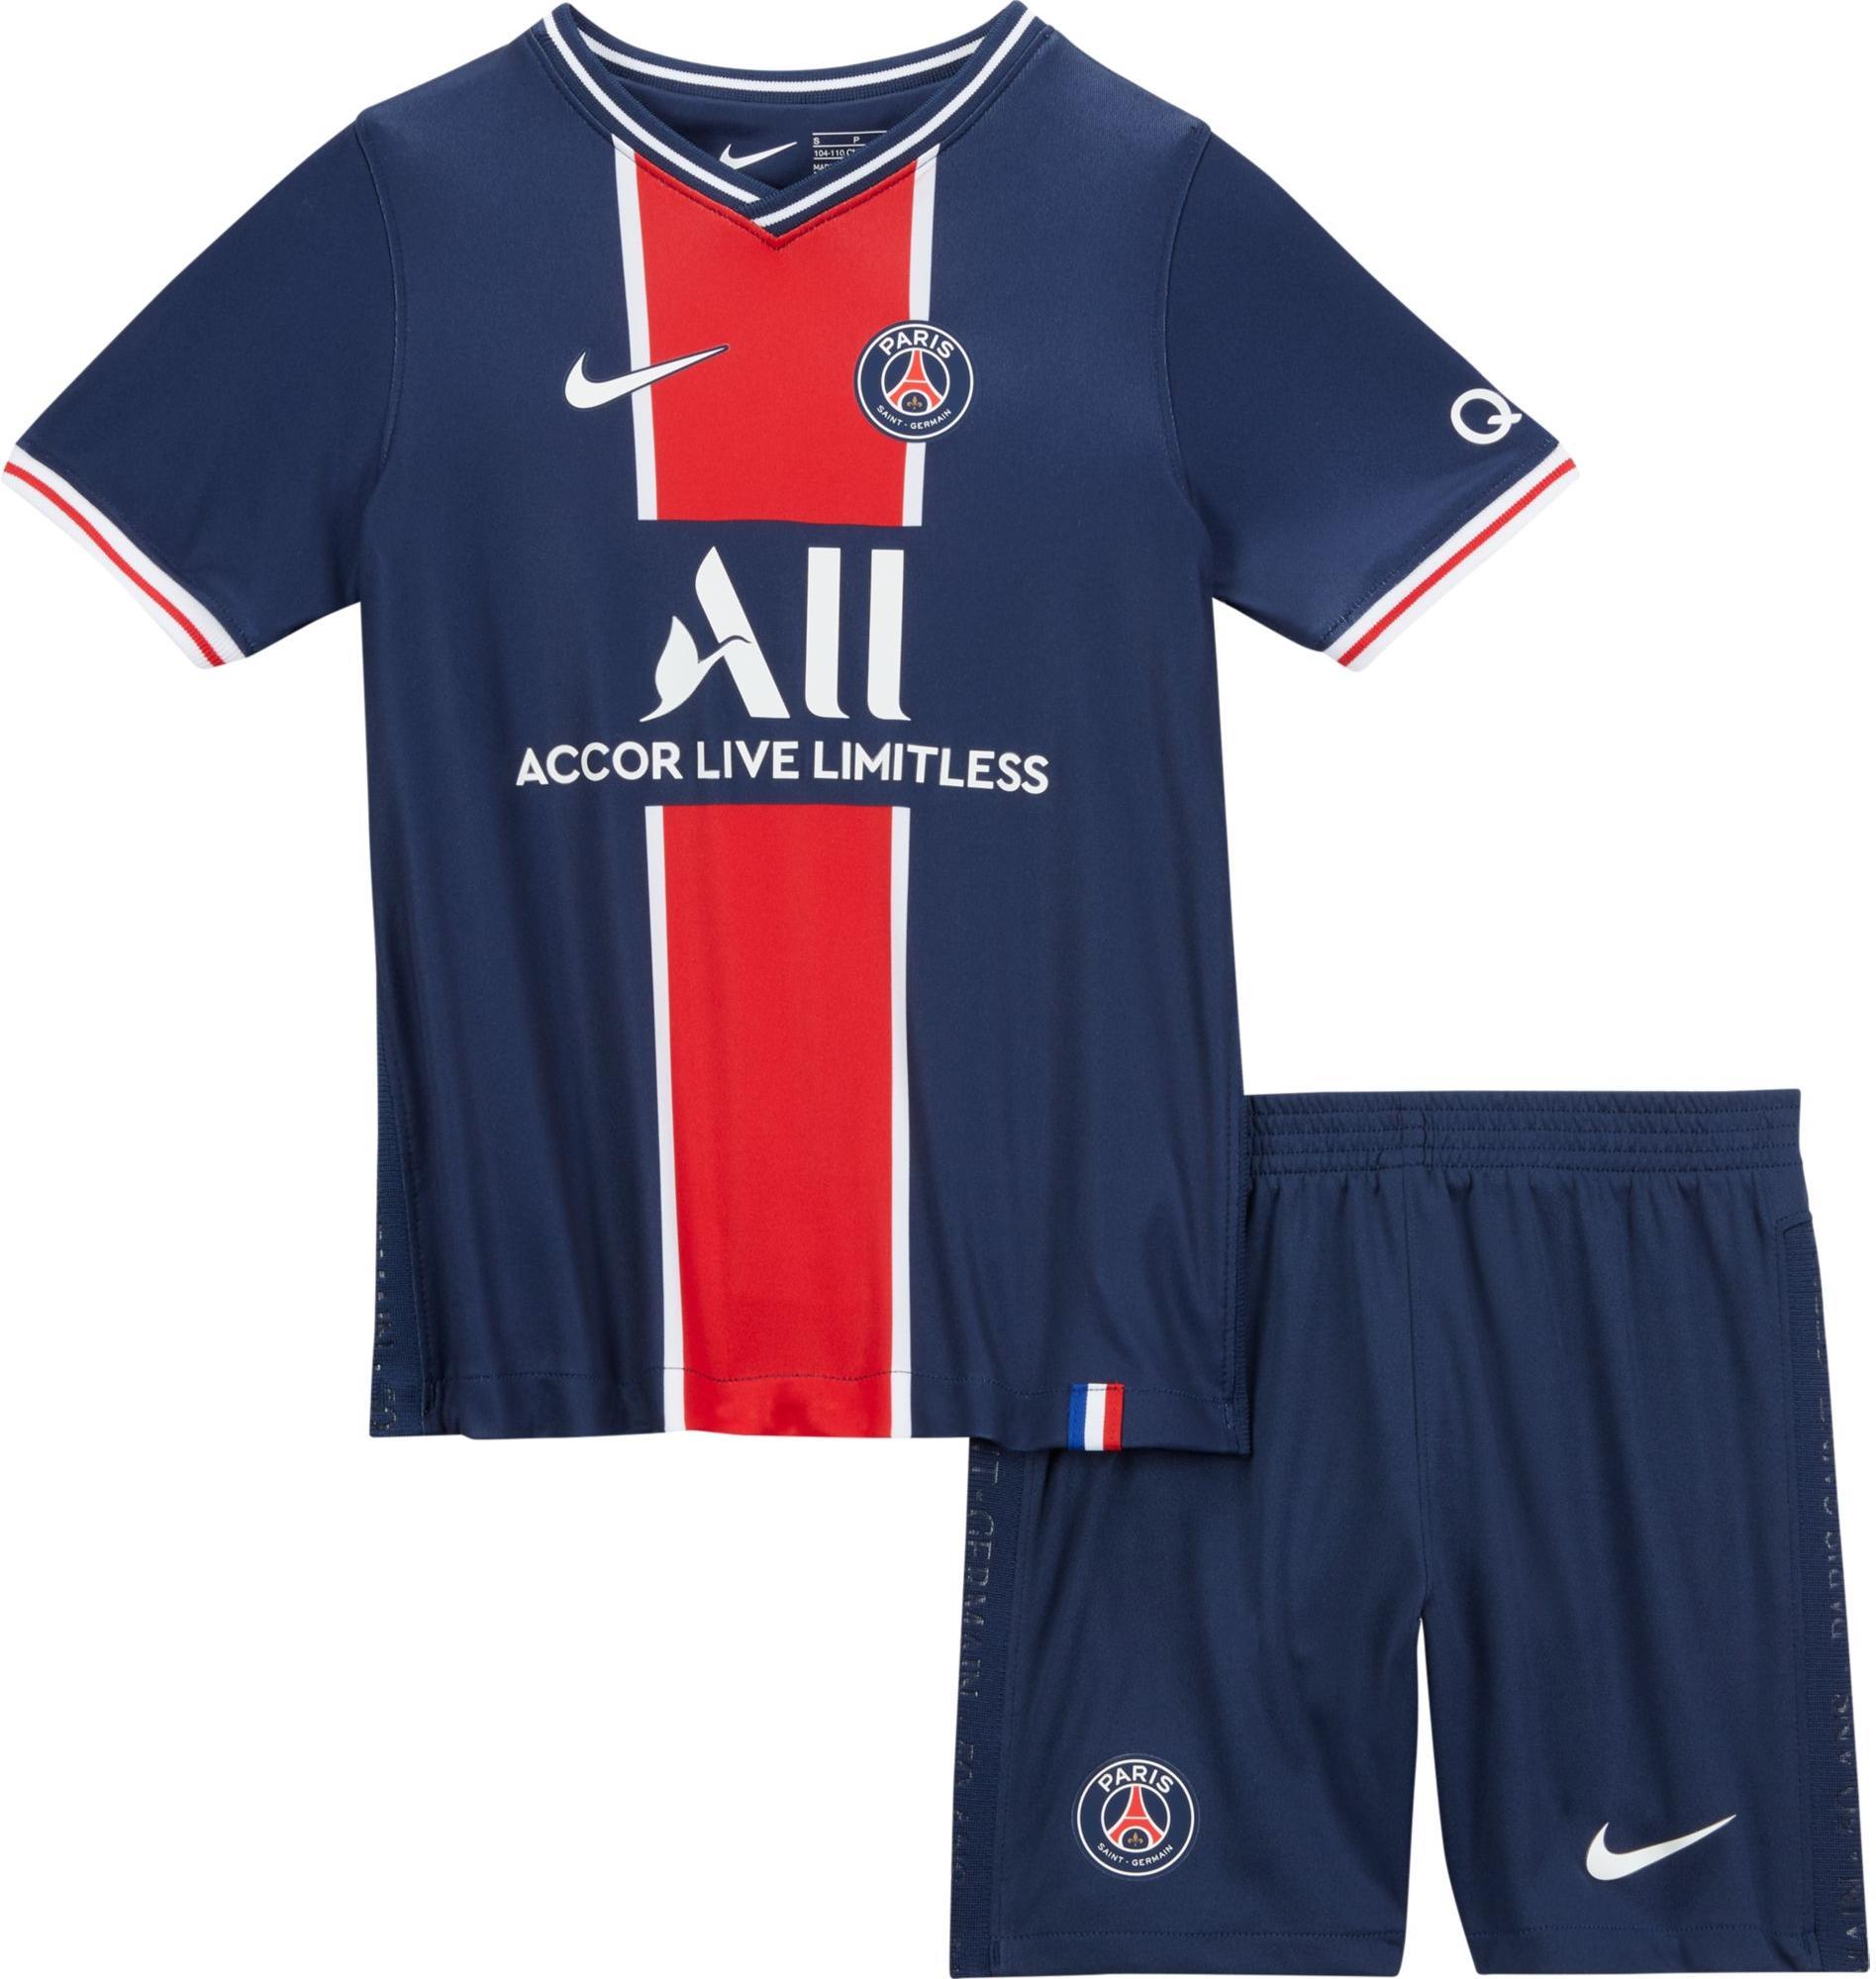 Kit Nike Psg Lk Nk Brt Kit Hm 2020 21 Top4football Com